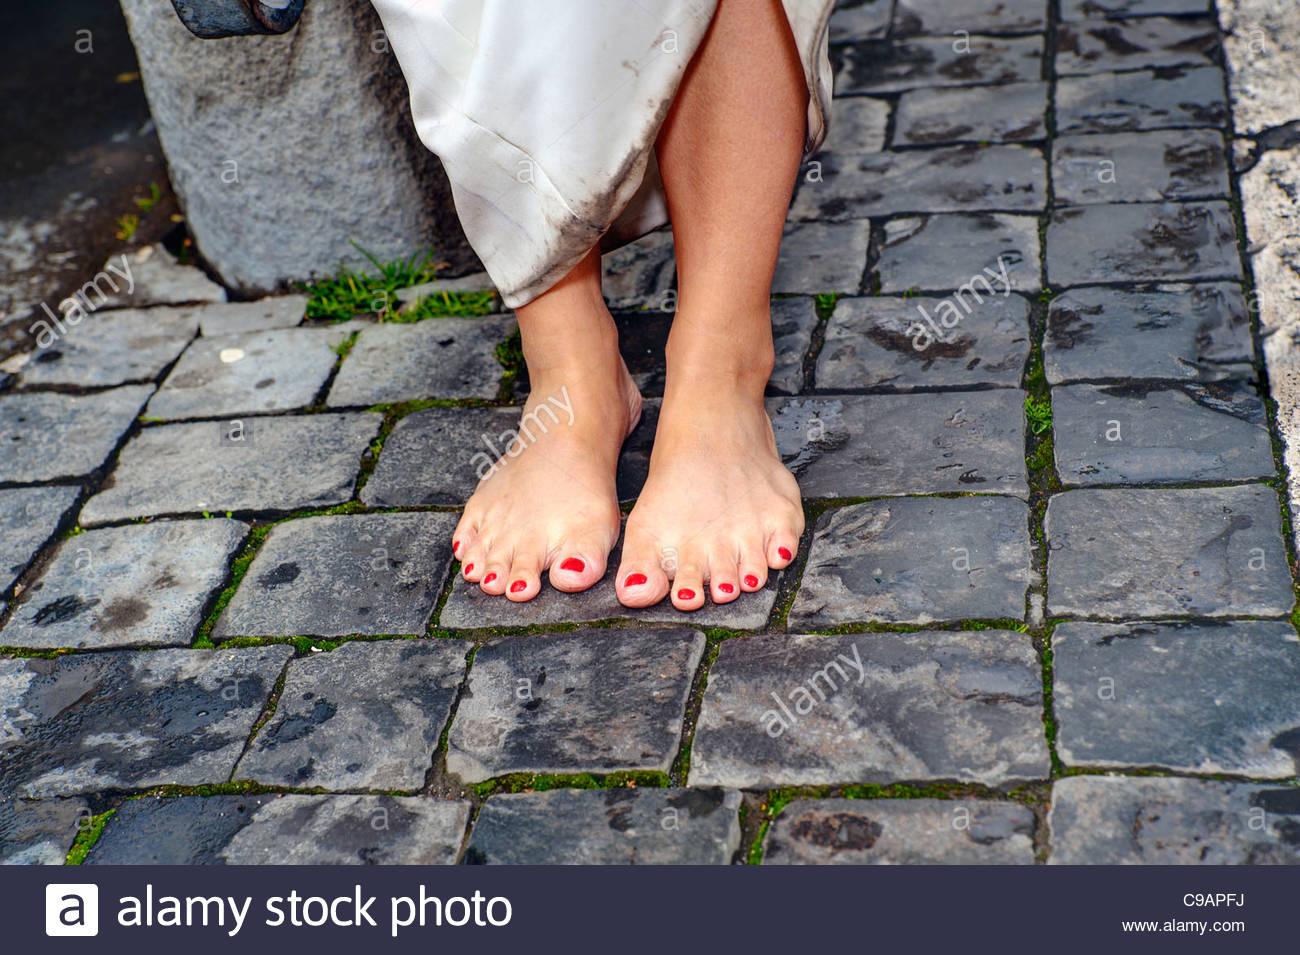 Sposa matrimonio a piedi nudi Immagini Stock